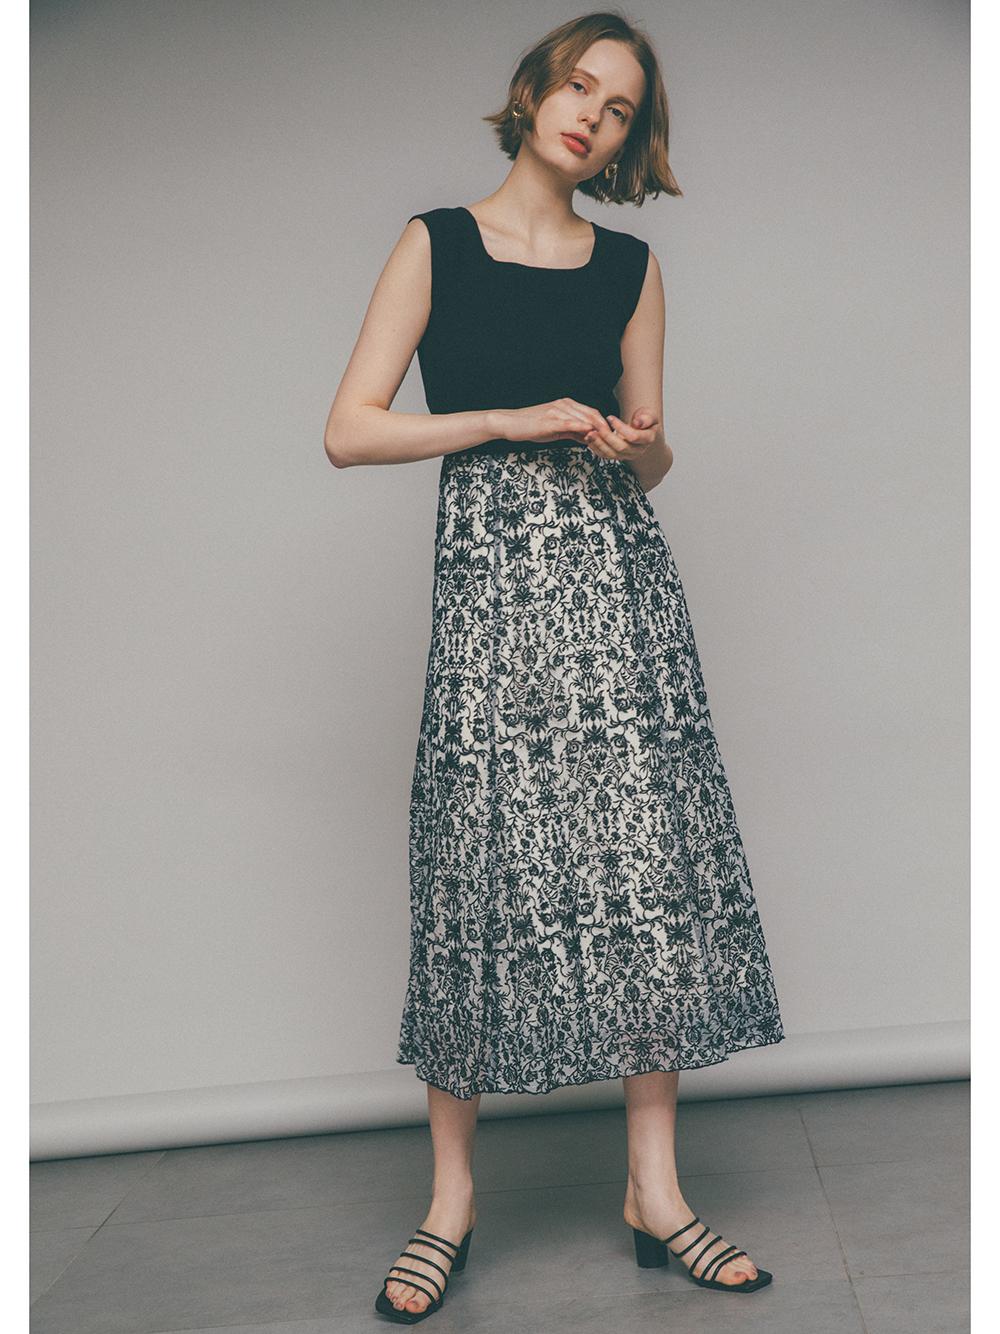 【限定】総刺繍カットドッキングワンピース